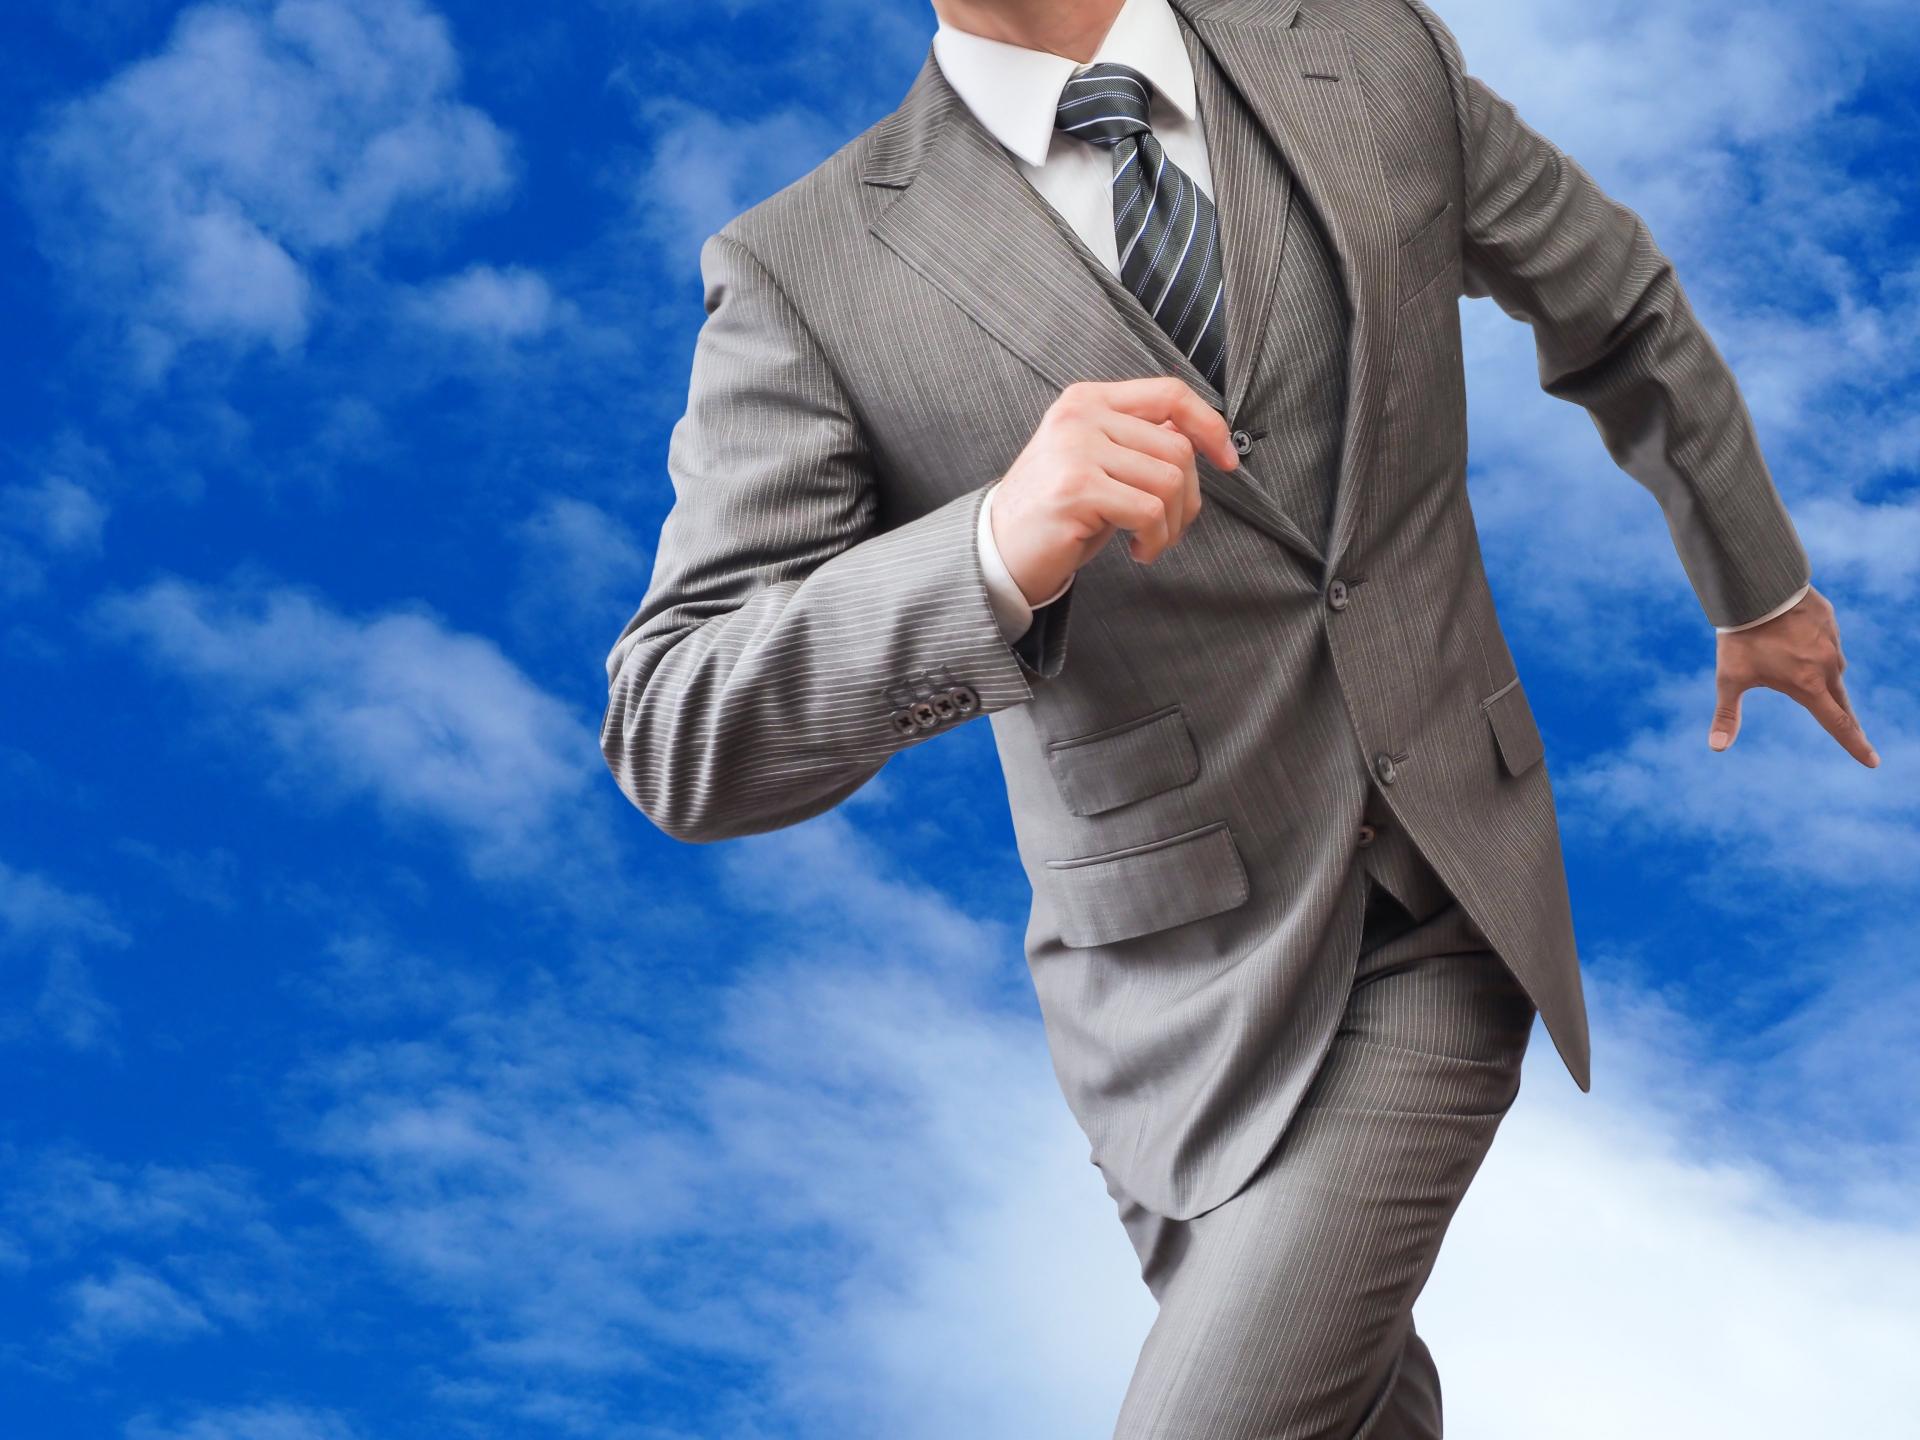 飛び込み営業の心得